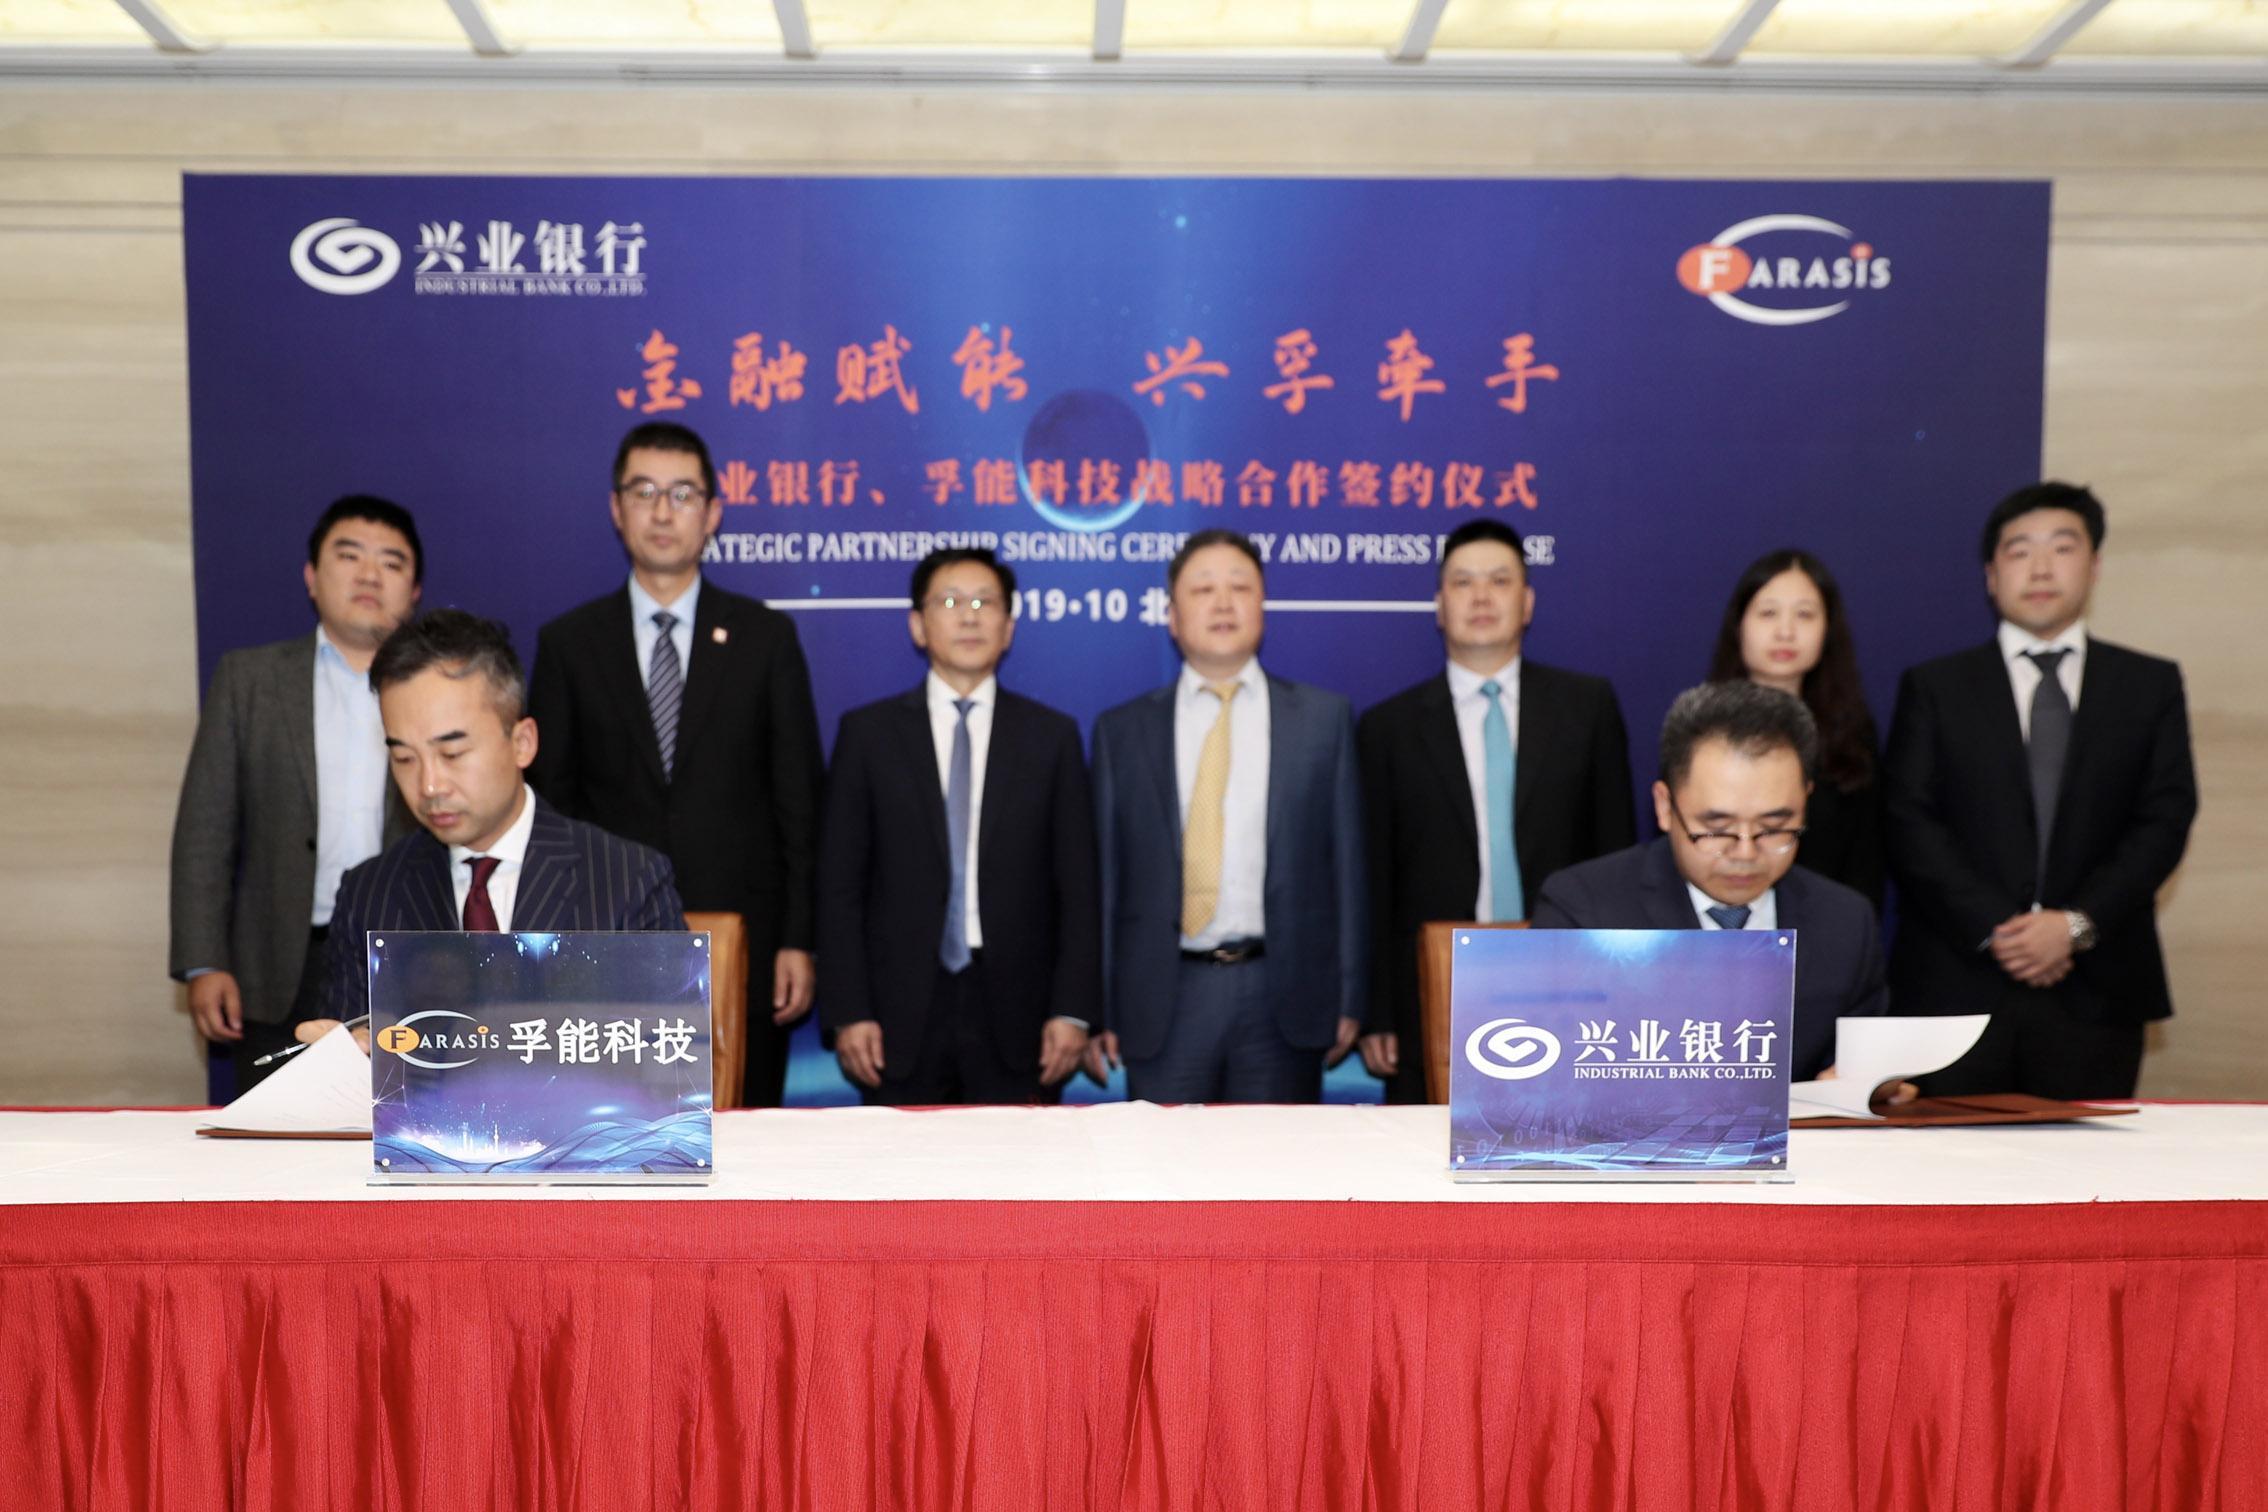 兴业银行与孚能科技签署战略合作协议 - 资讯 - 新京报网